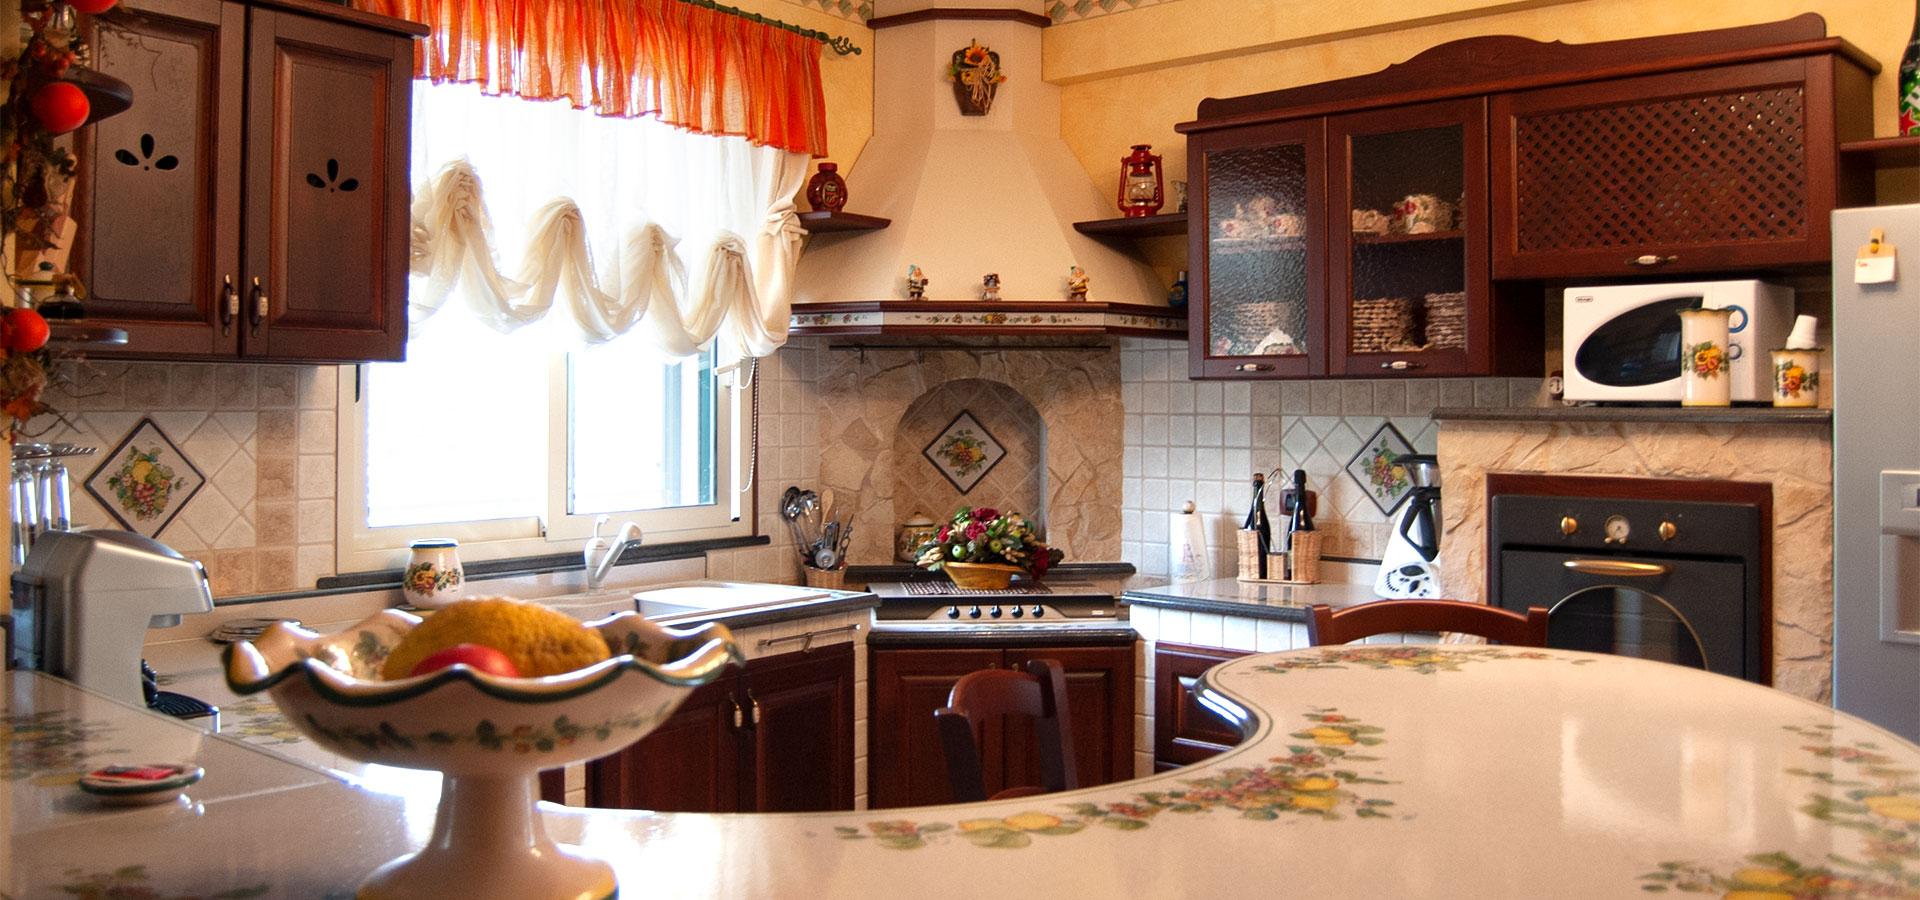 Cucine ecologiche in finta muratura modello vecchio frantoio - Arte sole cucine ...